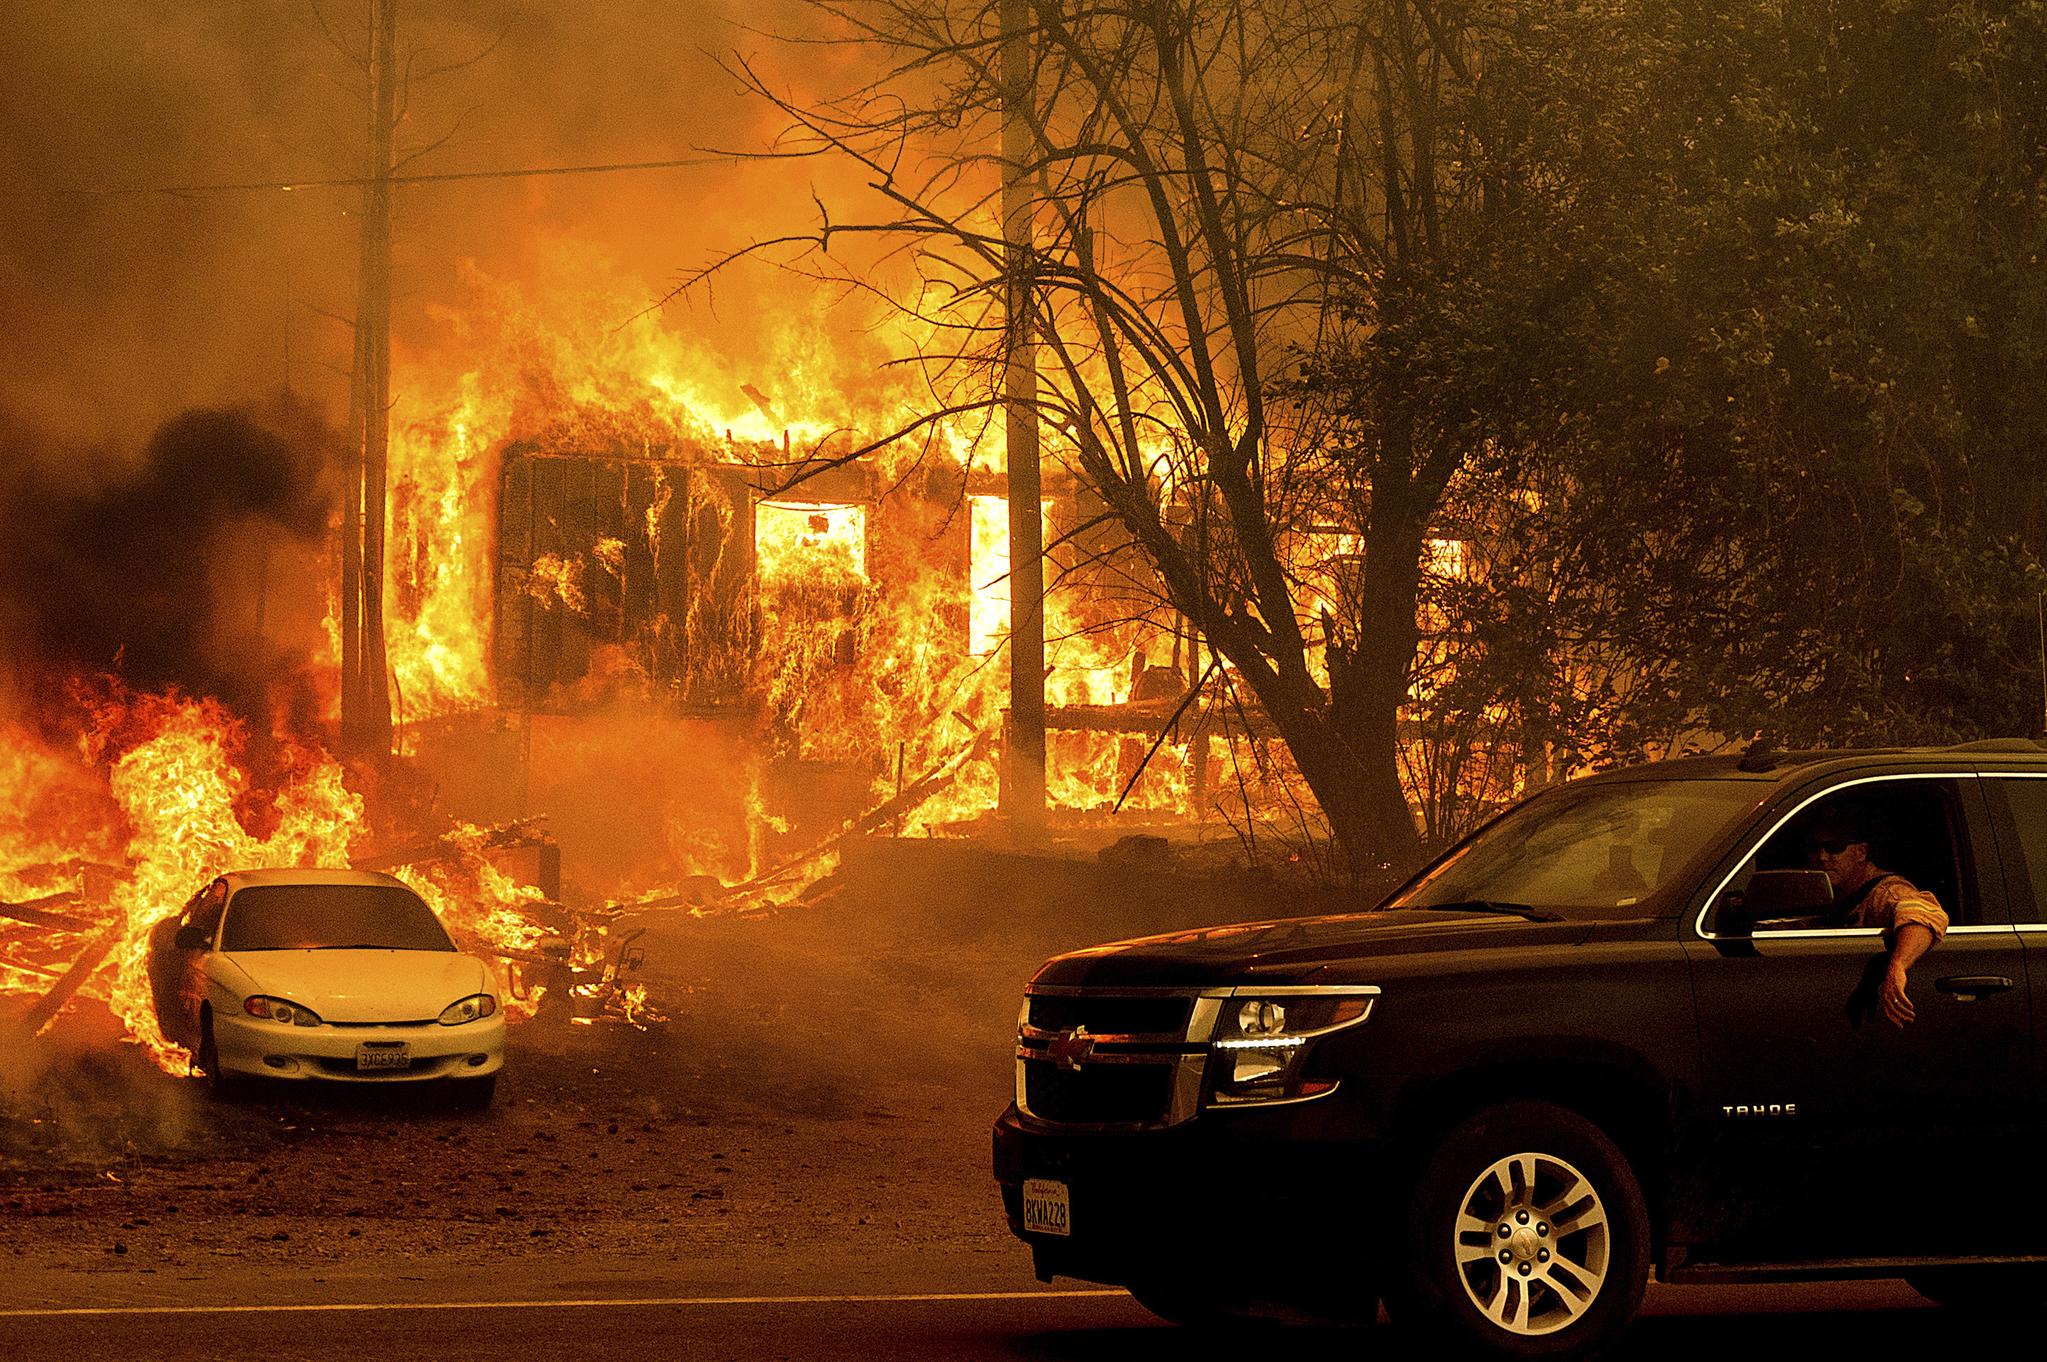 [이 시각] 3주째 불타는 '딕시 산불', 100년 넘은 마을도 파괴돼…